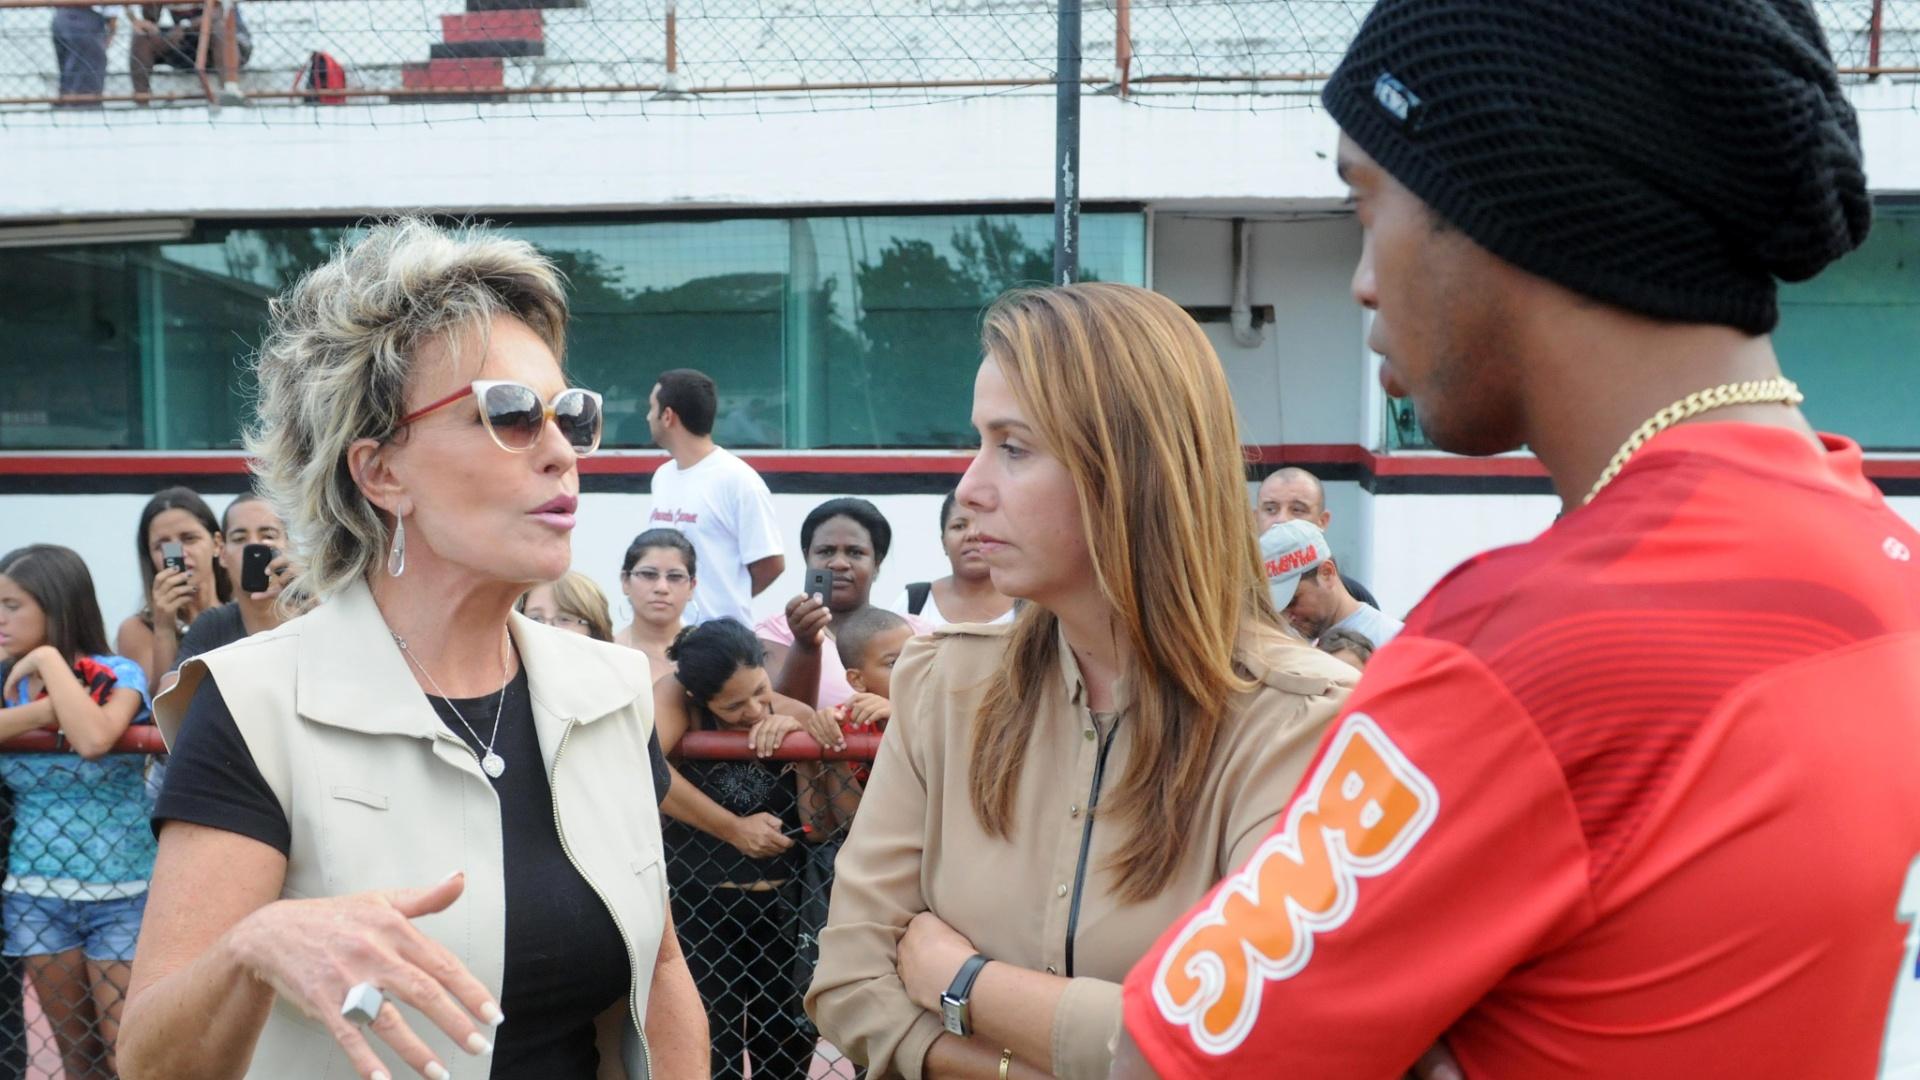 Ana Maria Braga, Patrícia Amorim e Ronaldinho Gaúcho conversam na Gávea